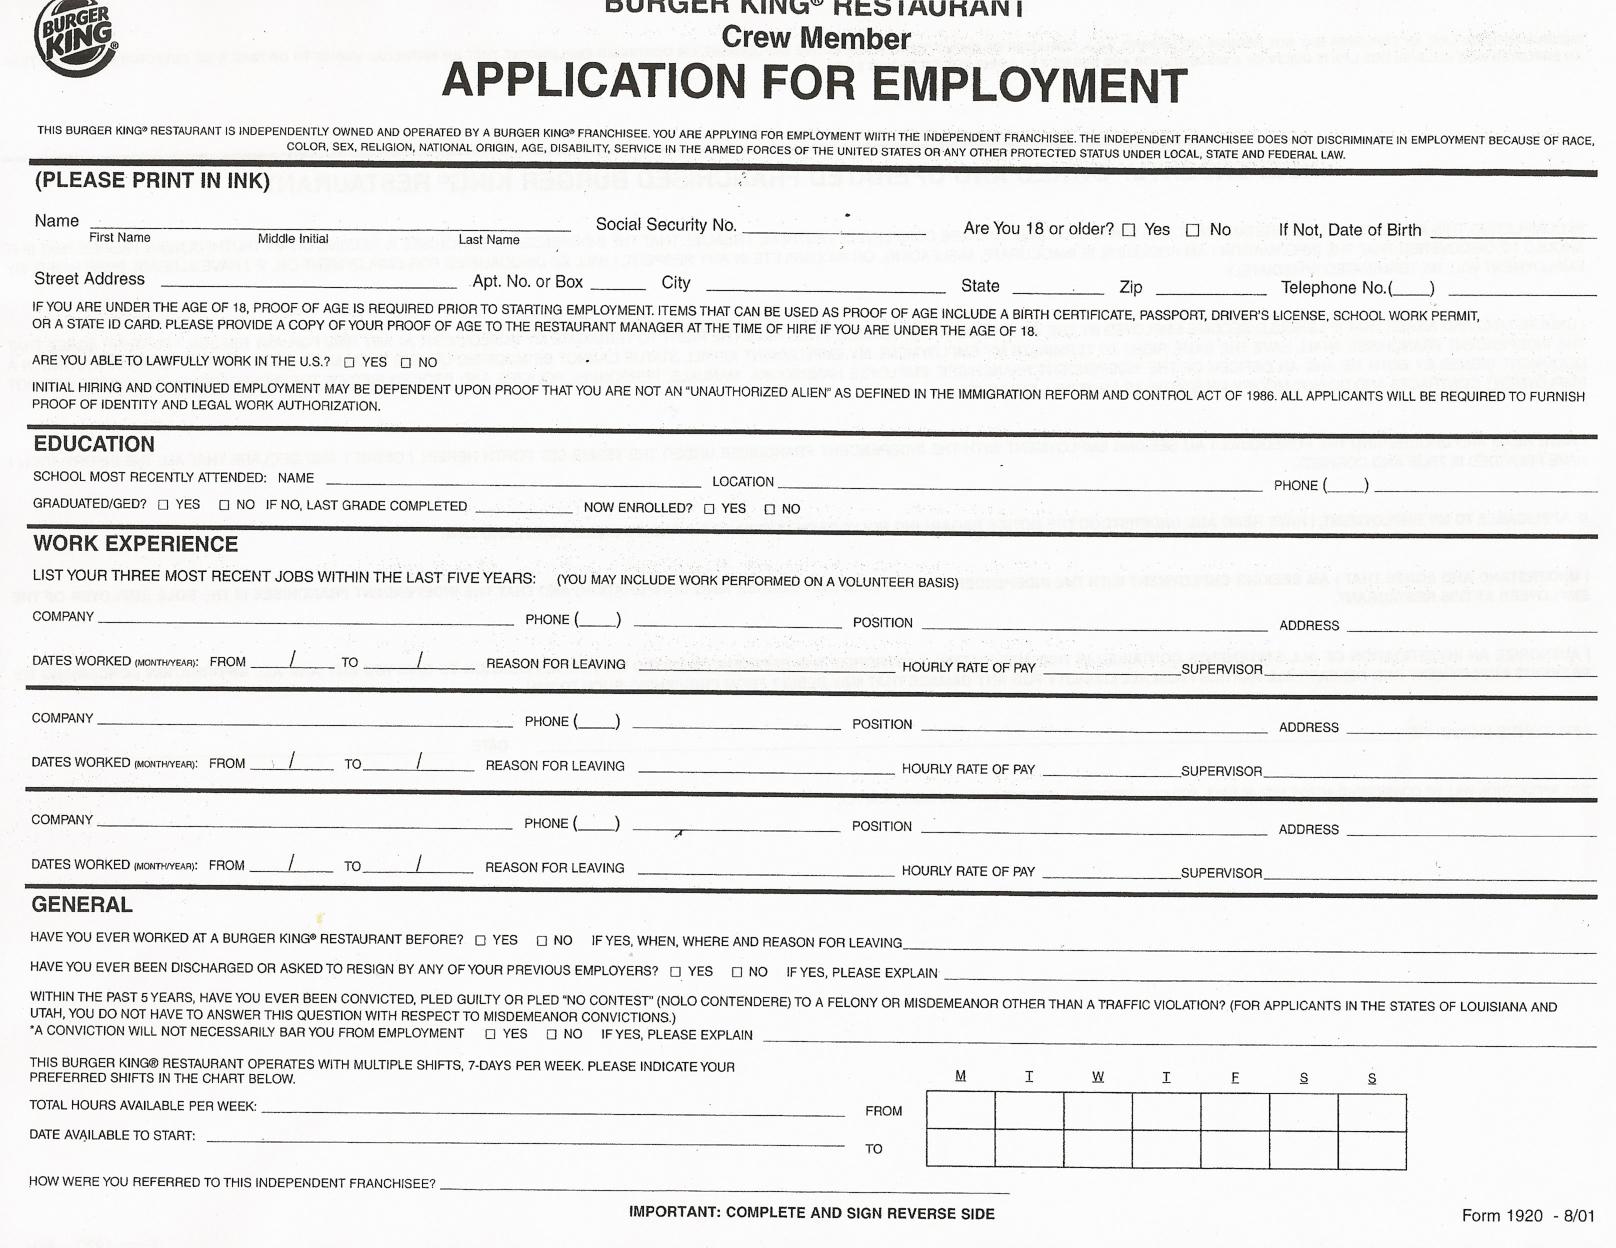 Job Application Forms To Print | Printable Job Application Forms - Free Printable Job Application Template